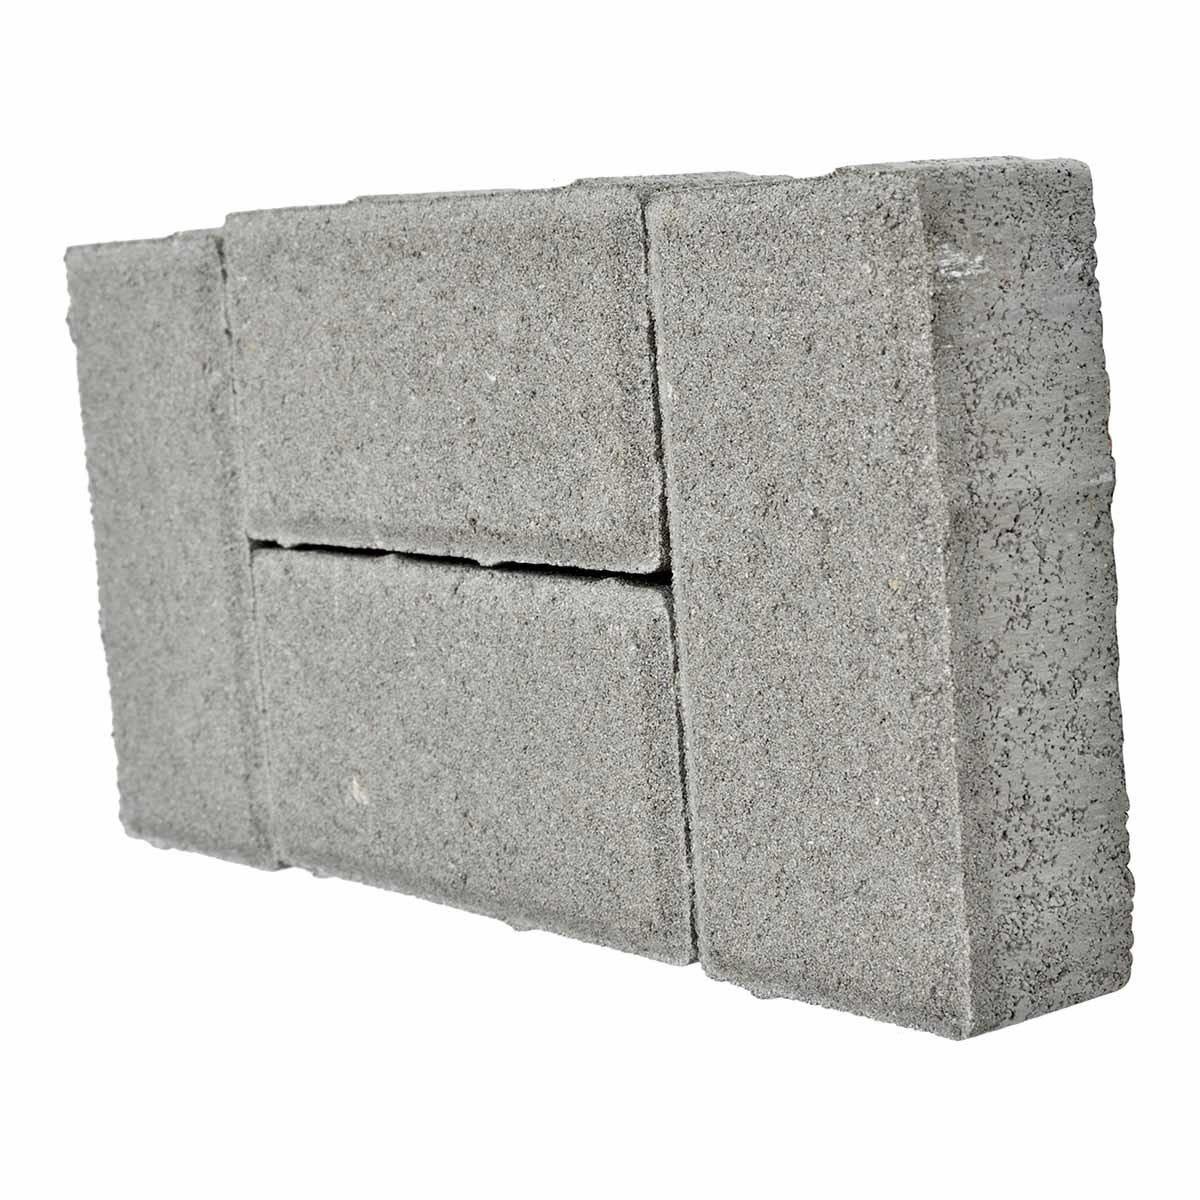 autobloccante mattoncino 10x20x6 cm grigio 50 pezzi / m²